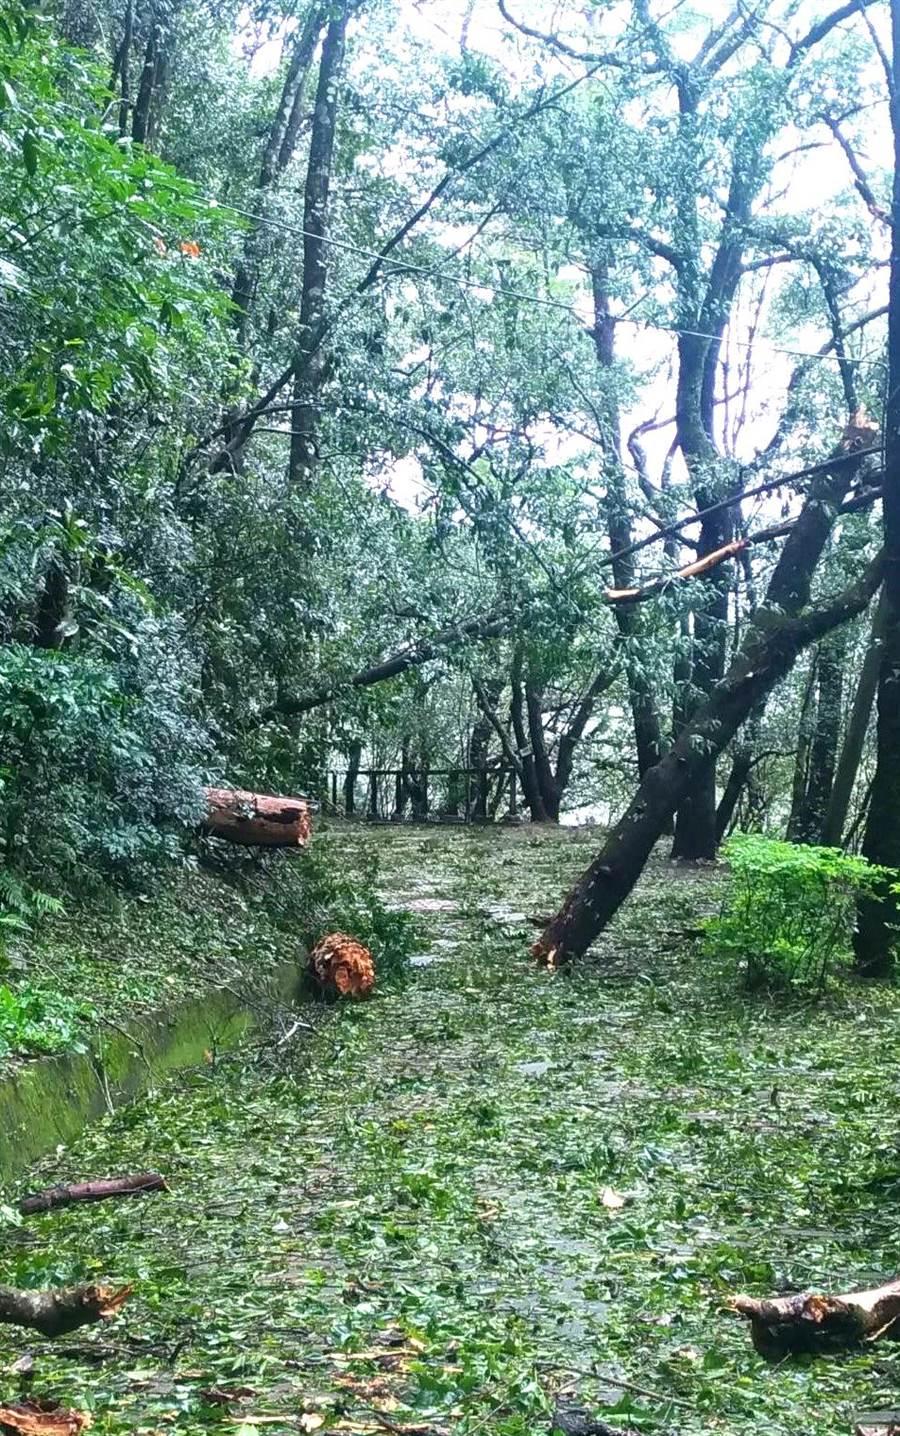 ▲奧萬大森林遊樂區的園區內也是到處林木倒伏,樹枝斷落,亟待全面清理整修。(林管處提供)